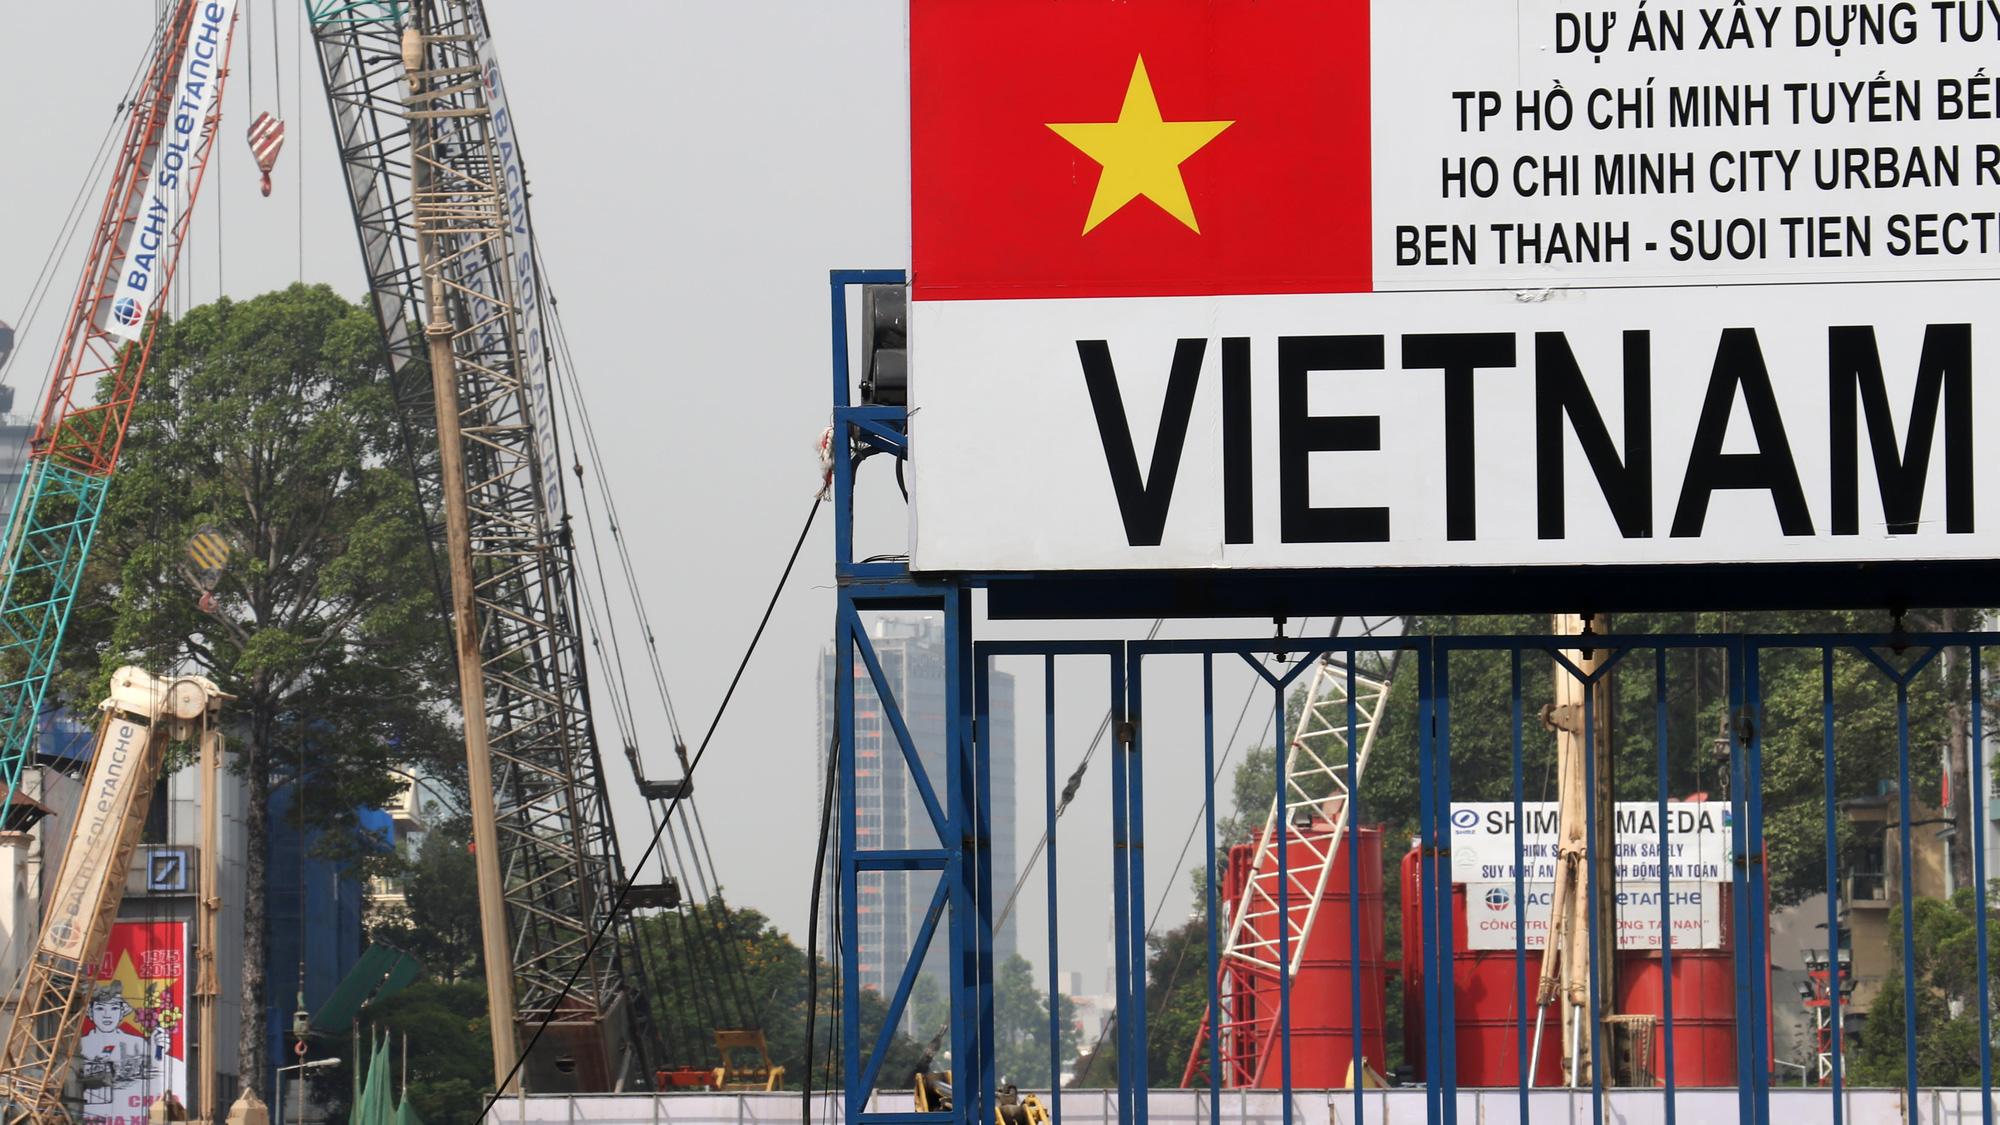 Điểm chung bất ngờ giữa tỉ phú Phạm Nhật Vượng, Nguyễn Thị Phương Thảo, Đặng Minh Trường và tiềm năng của các tập đoàn lớn nhất Việt Nam - Ảnh 3.